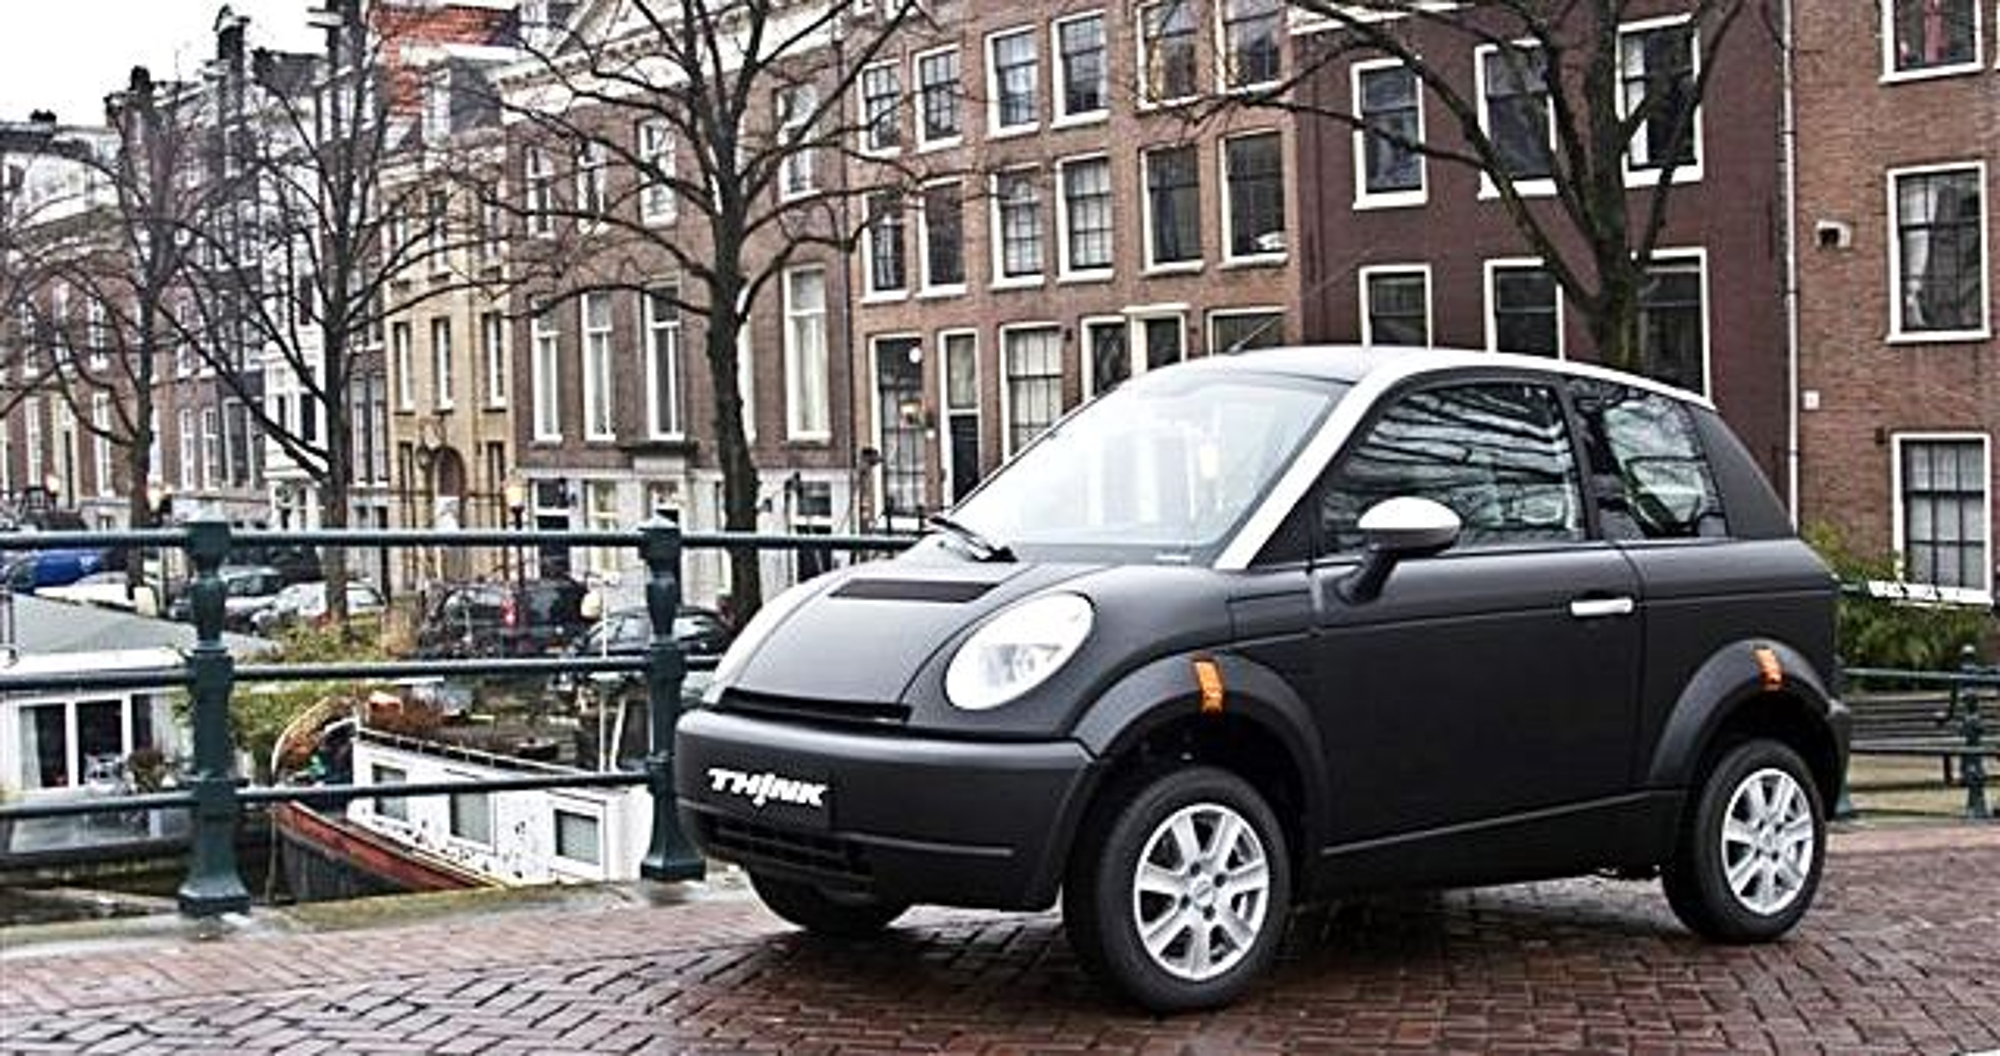 Think har allerede en stor leveringskontrakt i Nederland, men regner med å selge flere elbiler i dette markedet nå som byrådet i Amsterdam subsidierer næringsdrivende som vil kjøpe elbil.